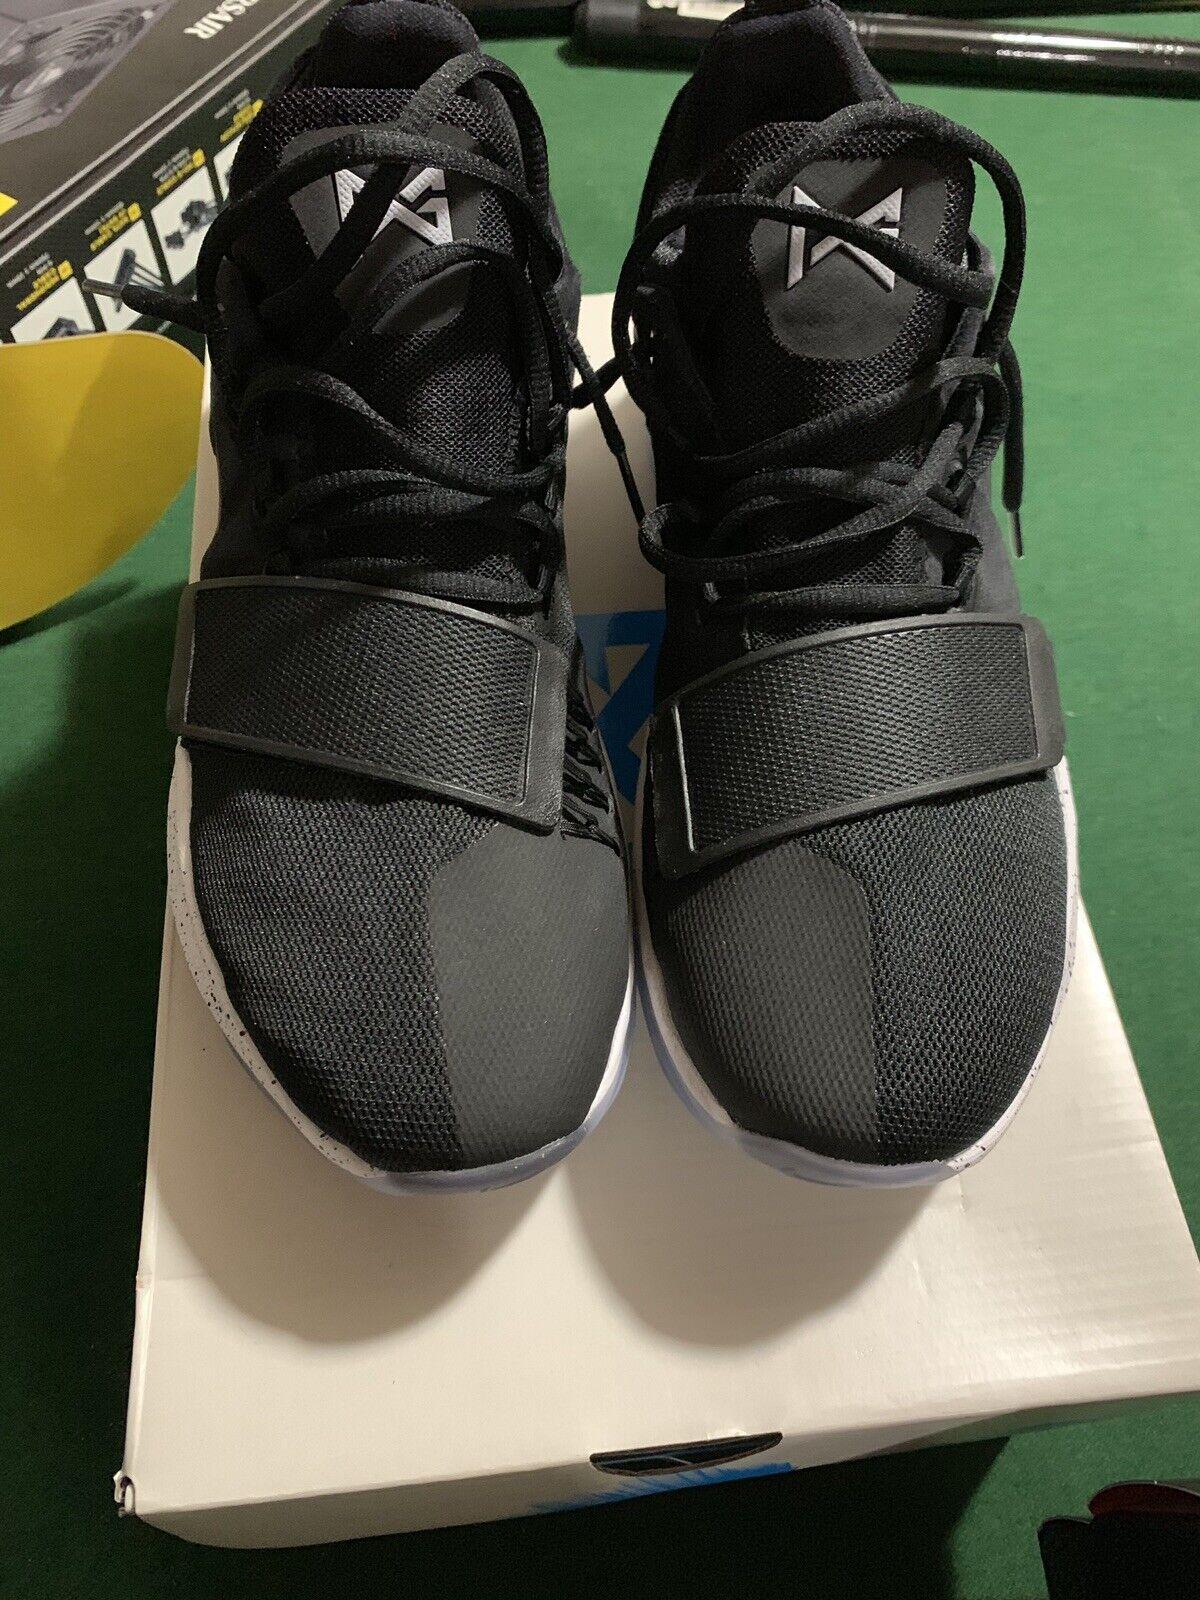 """0efc0e389cc Nike PG 1 """"Black Ice"""" Size Size Size 9.5 878627-001 5f16ad ..."""